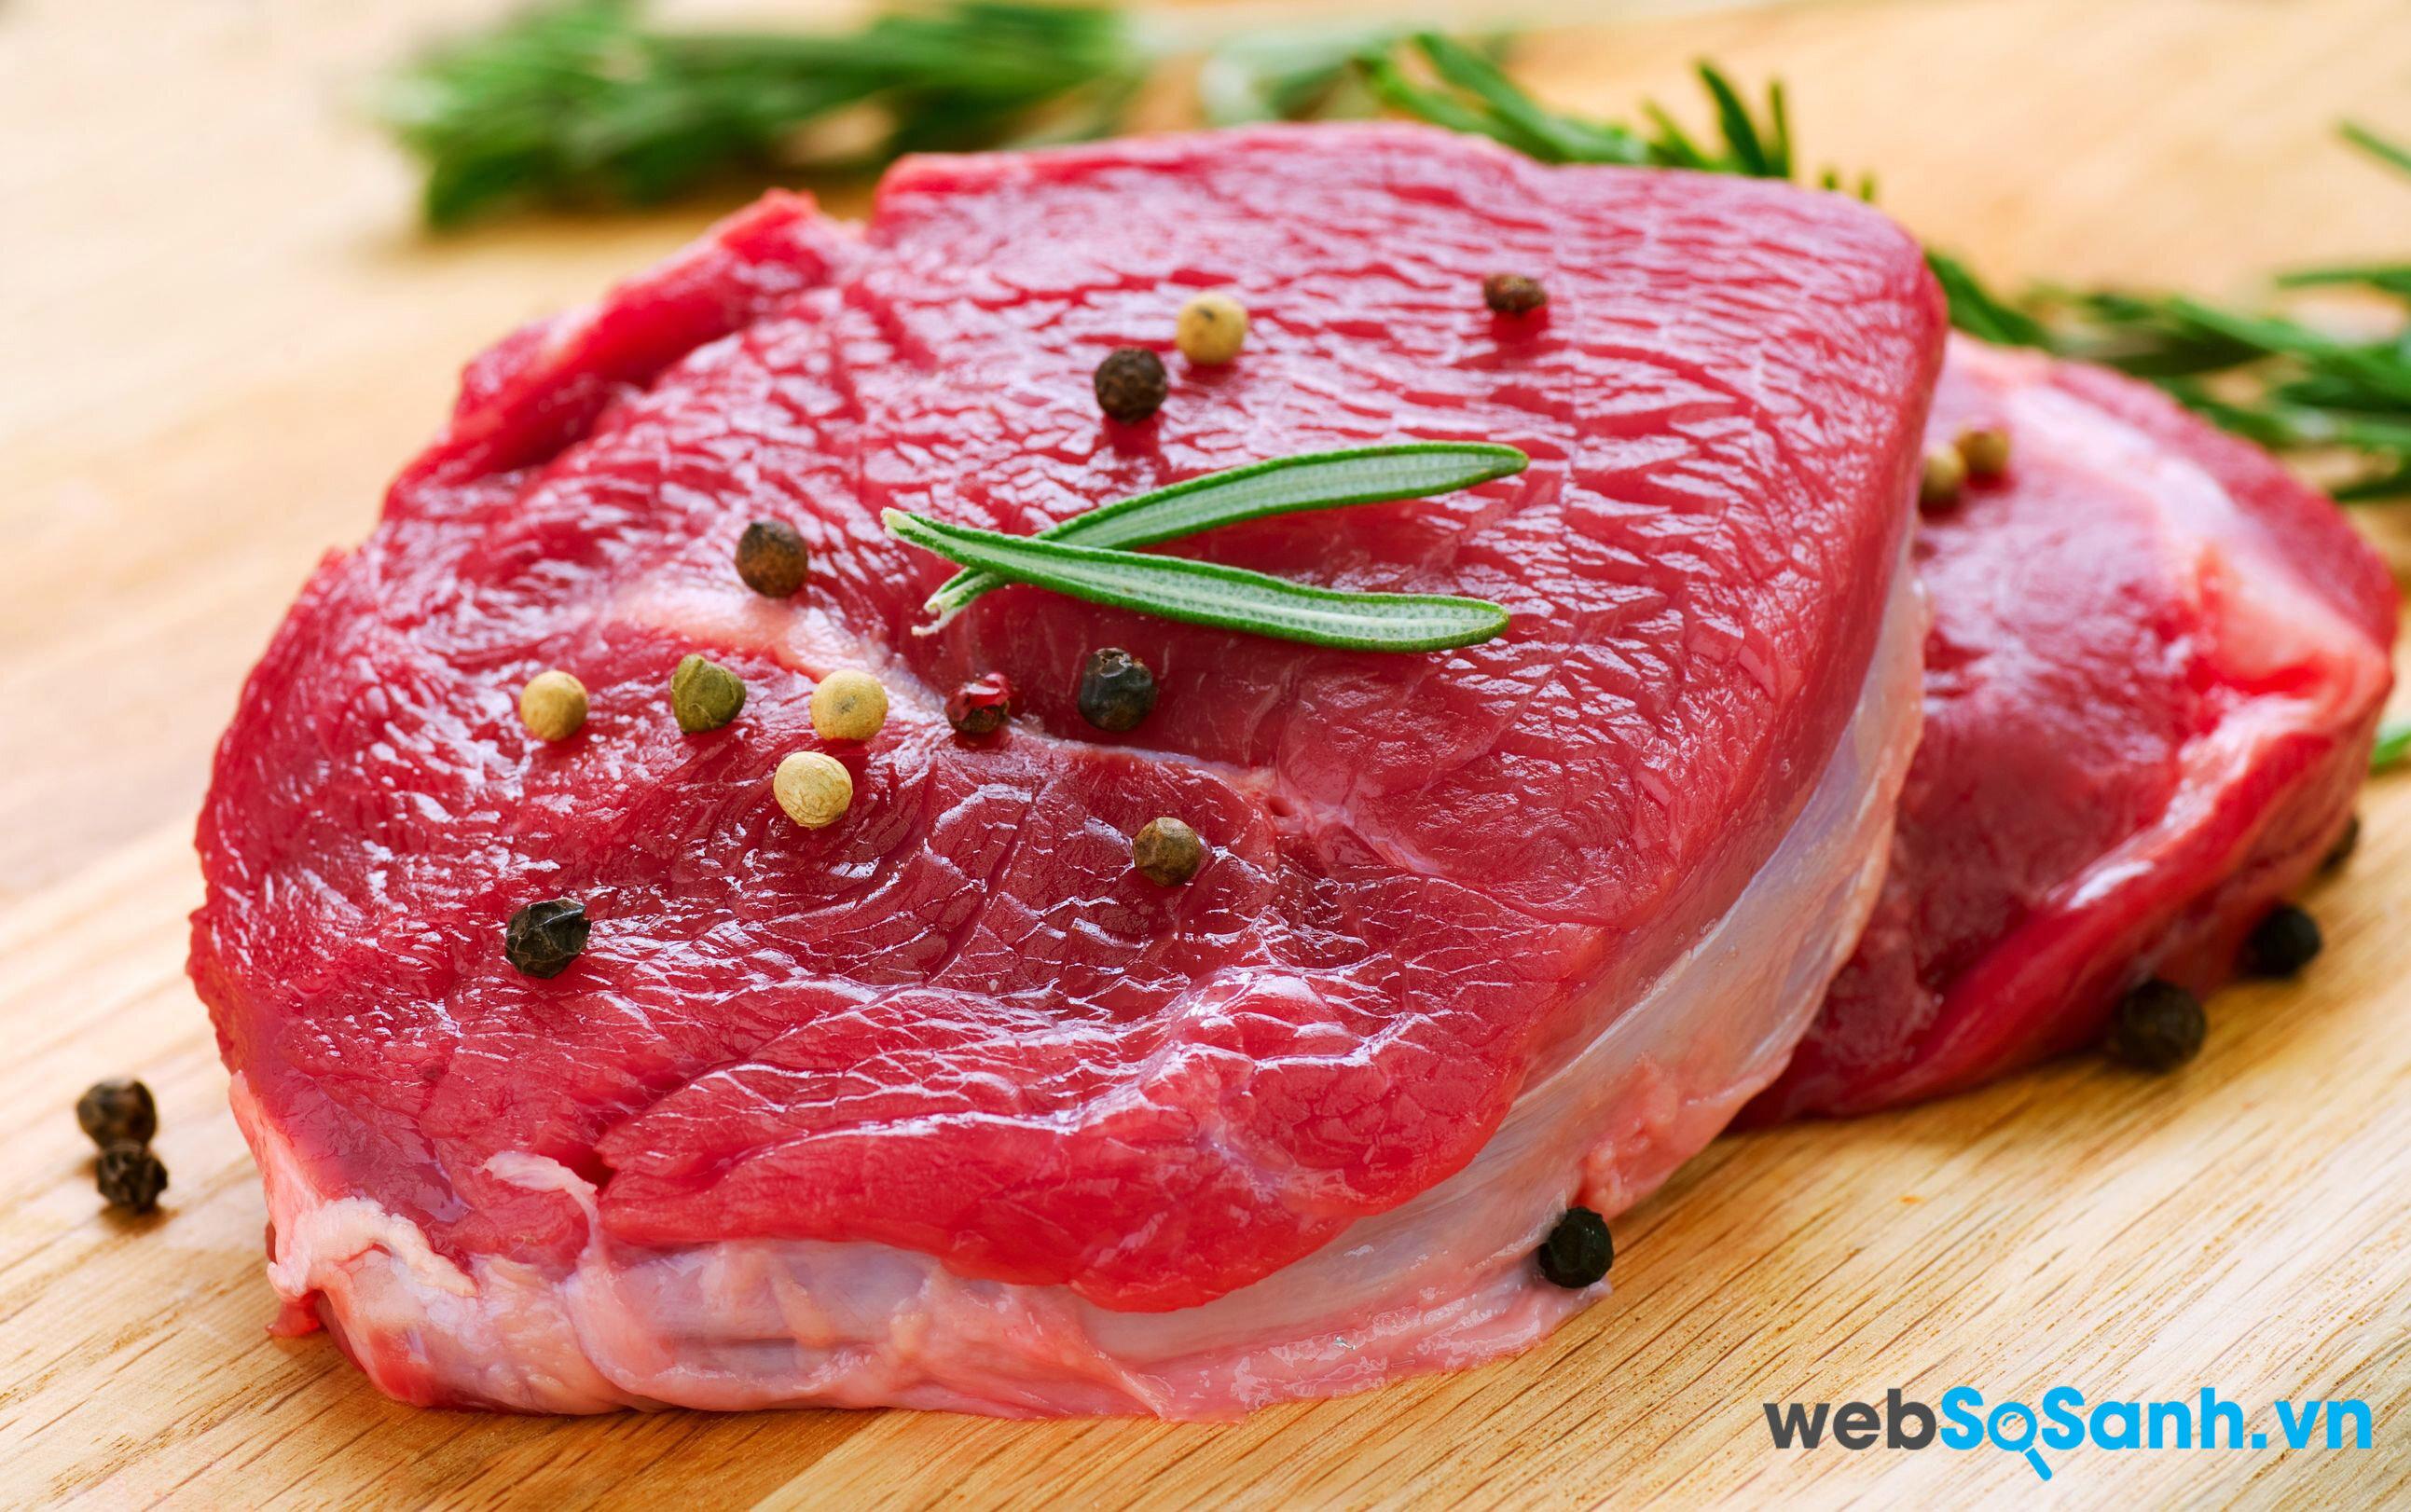 Nếu để lâu, nên cất thịt trong ngăn đá, đến khi ăn thì mang ra rã đông